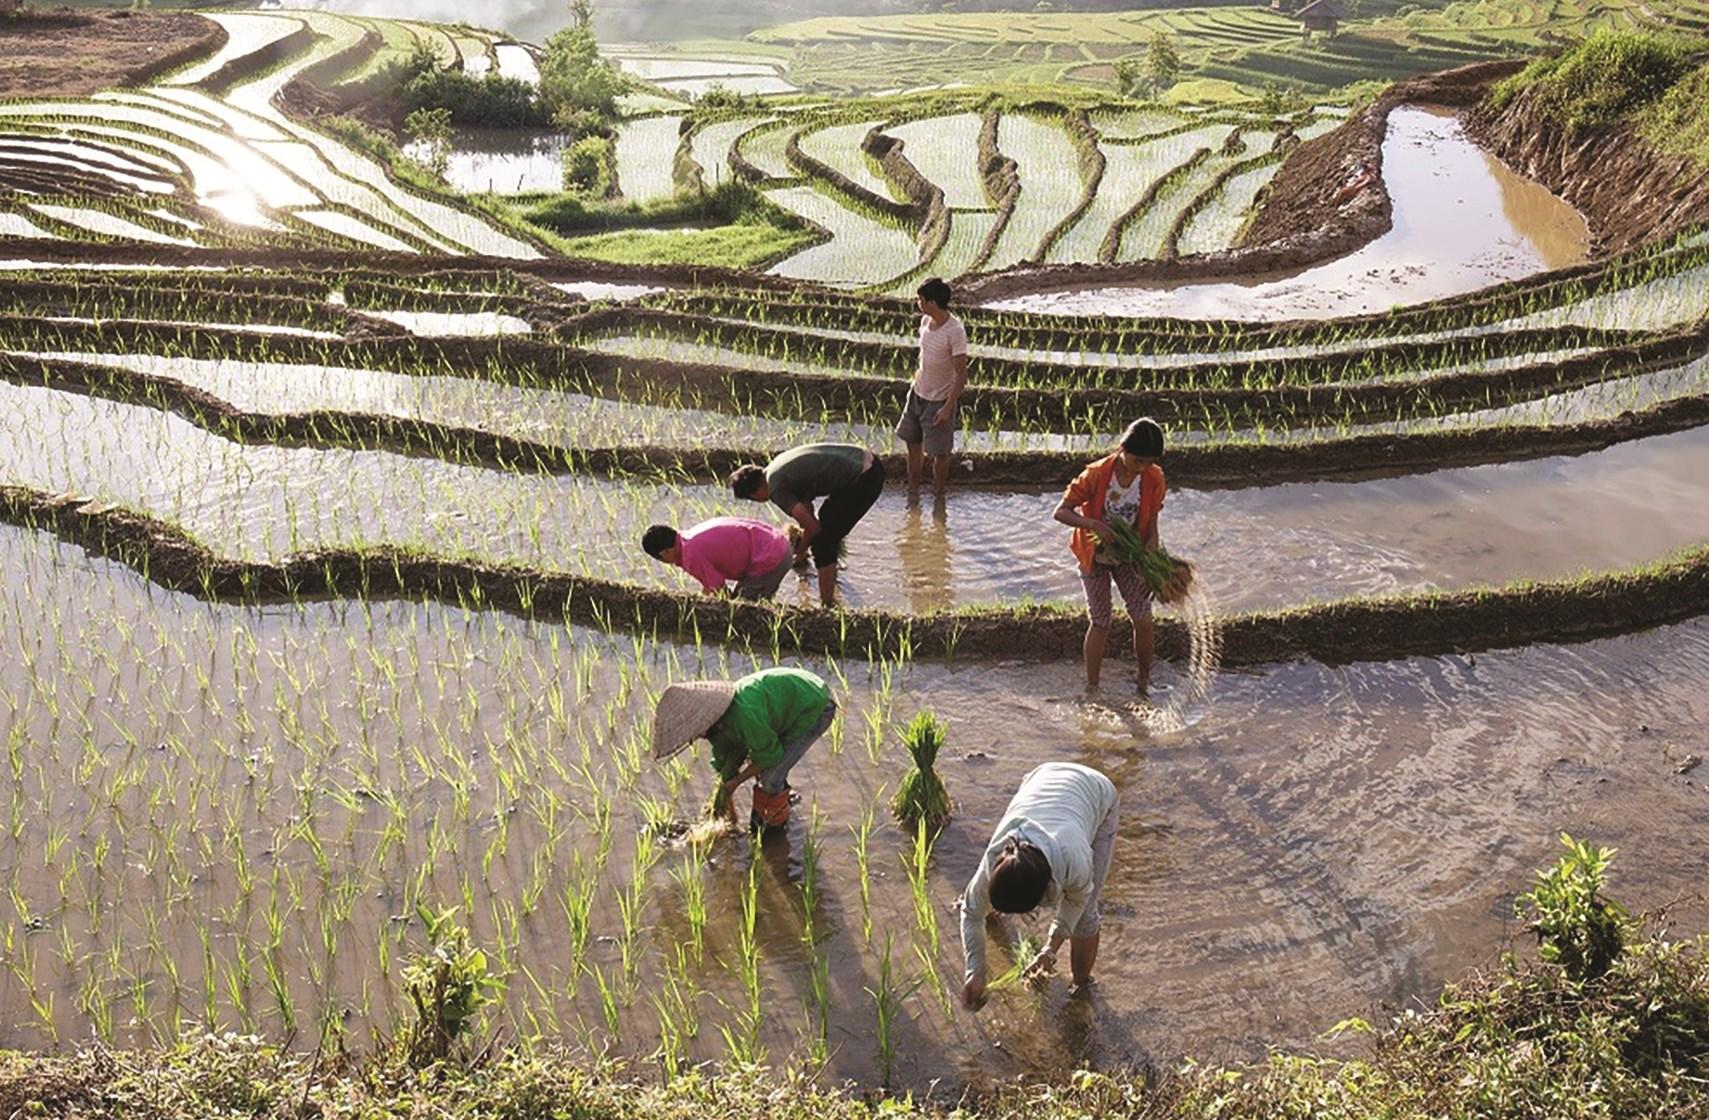 Nông dân Yên Bái tích cực ra đồng sản xuất, đảm bảo mùa vụ